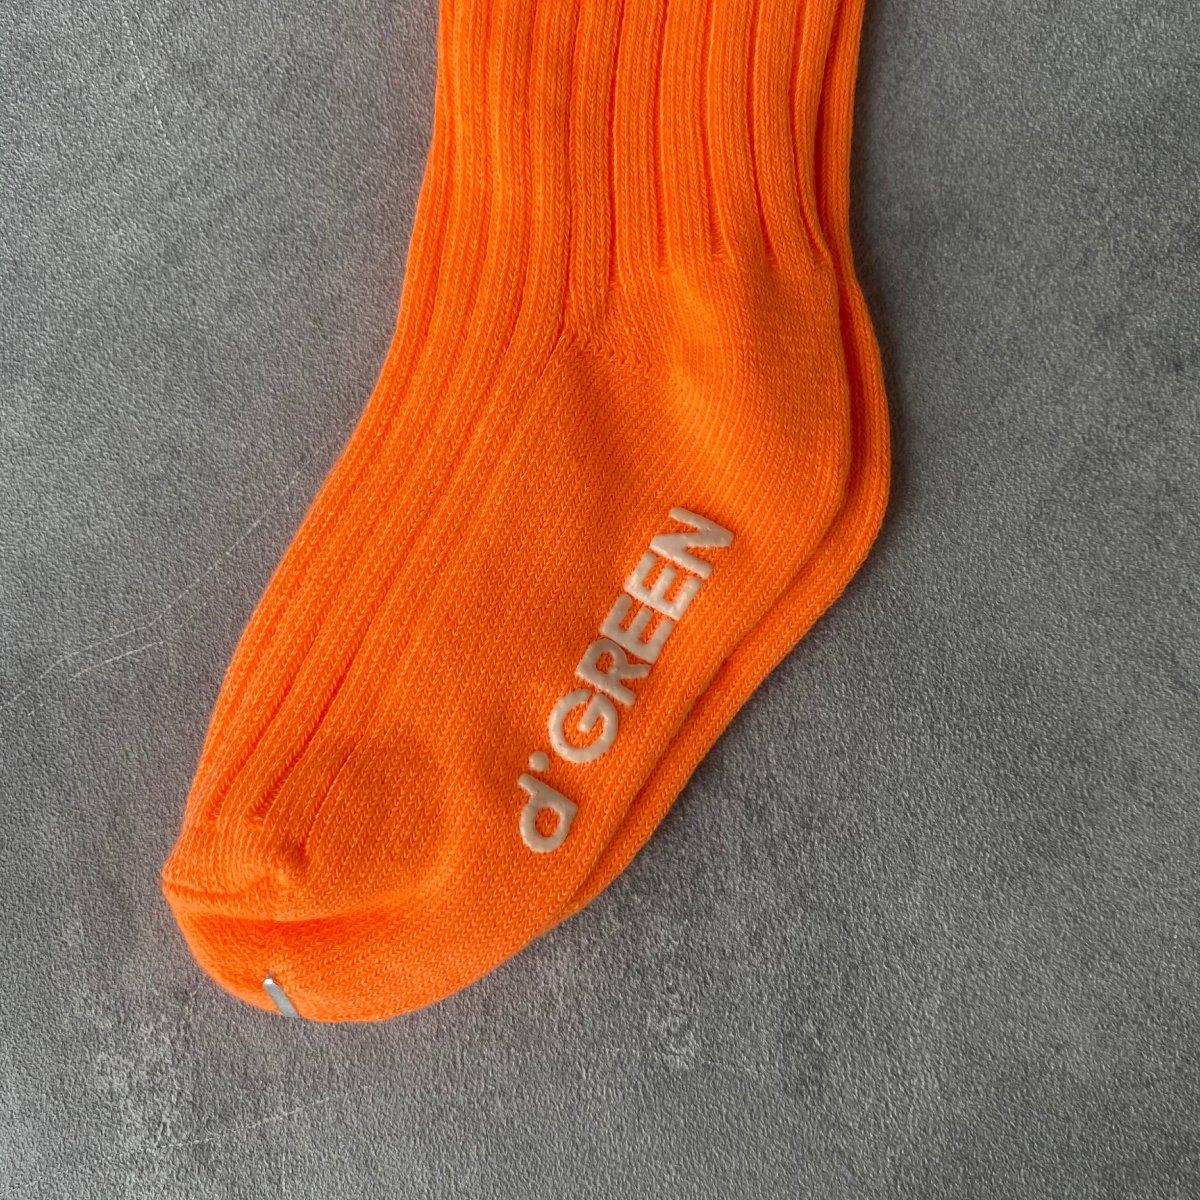 【KIDS】Neon Socks 詳細画像16